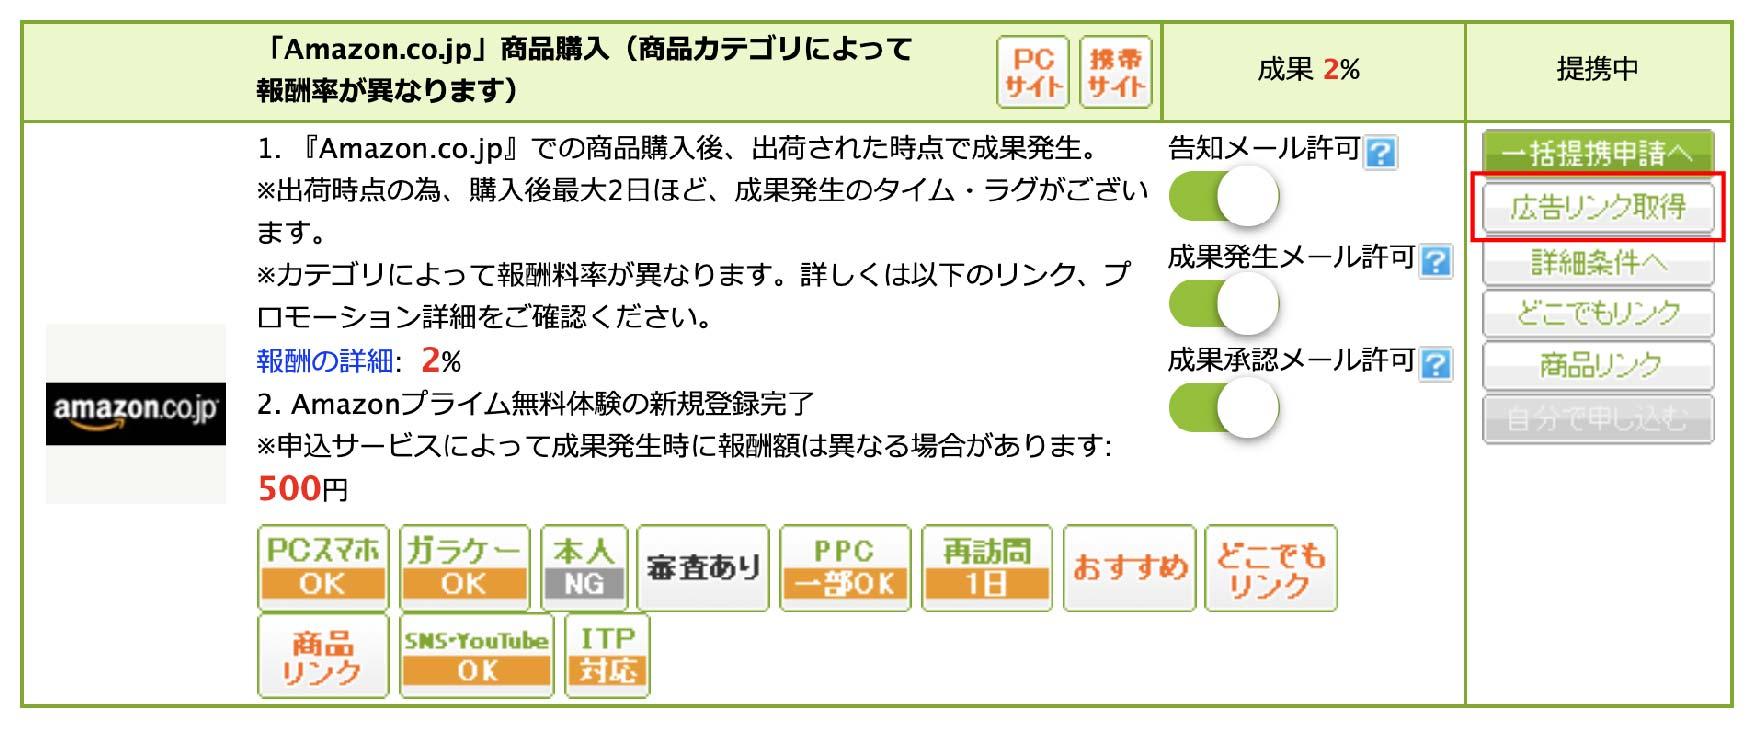 【完全解説】物販用プラグインRinkerの導入〜設定までの方法22